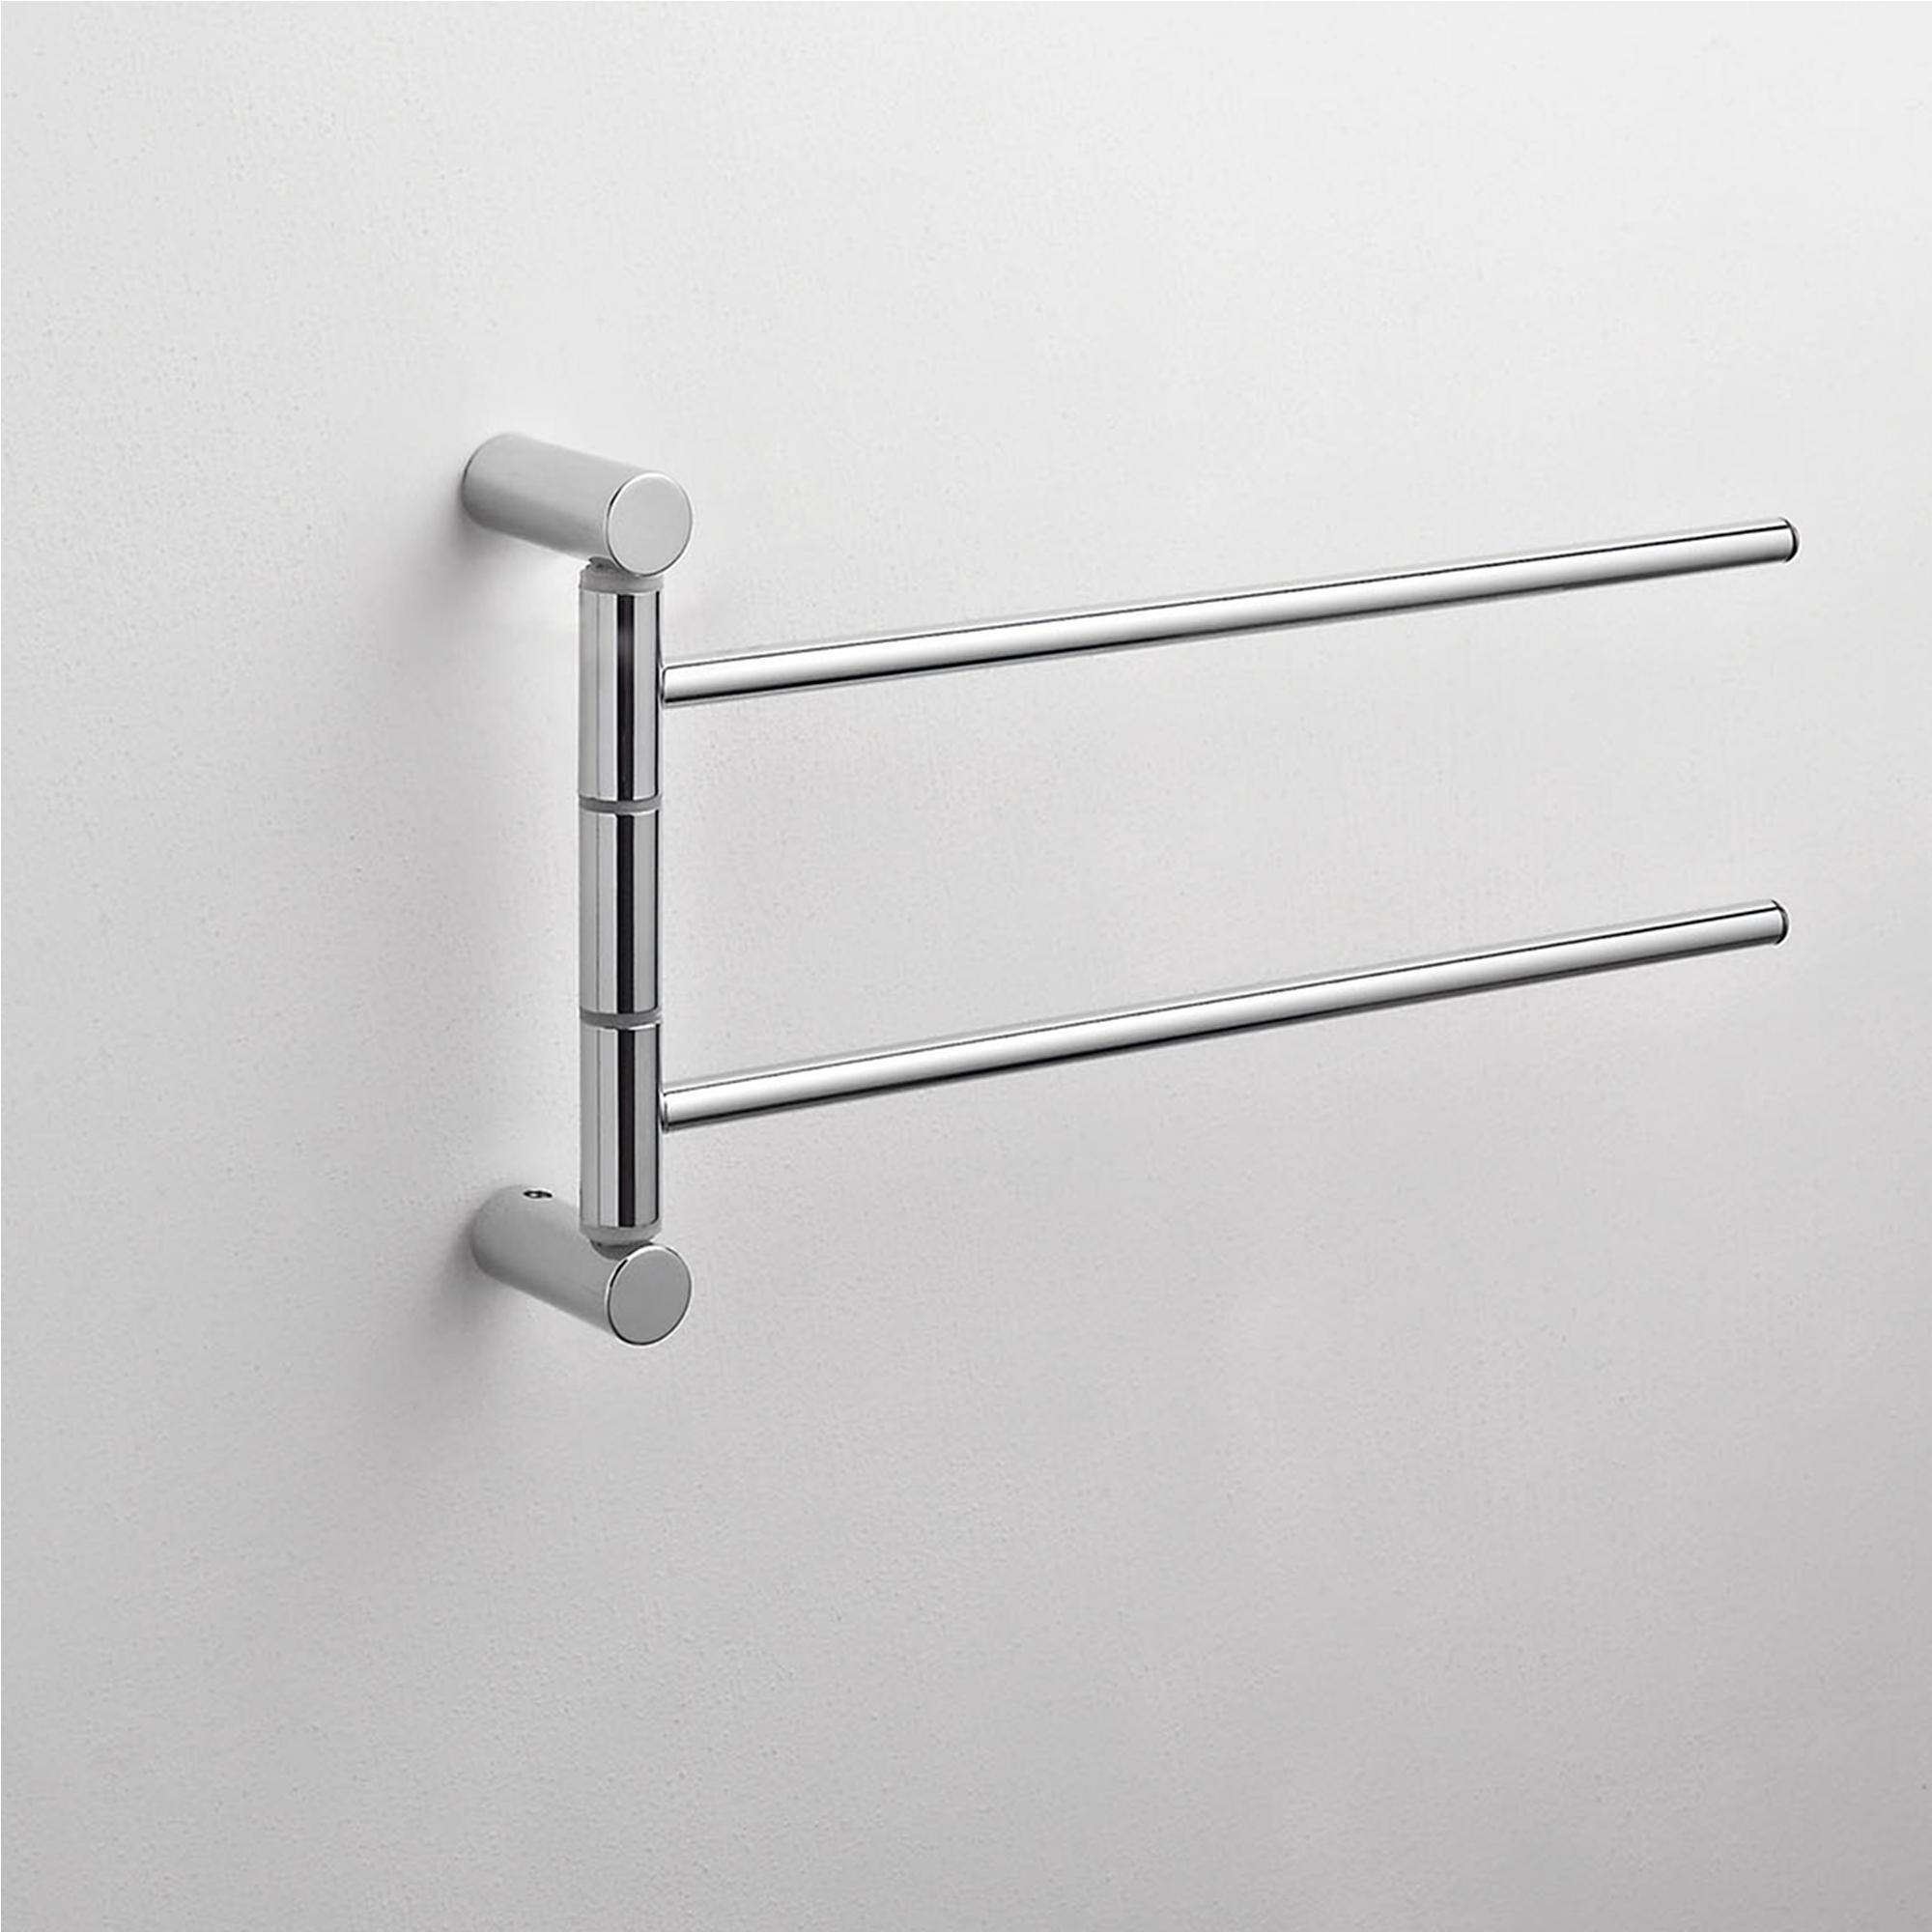 Porta asciugamani da bagno doppio 31x5xh16 cm finitura cromo lucido cqubo stilcasa net - Porta asciugamani da bagno ...